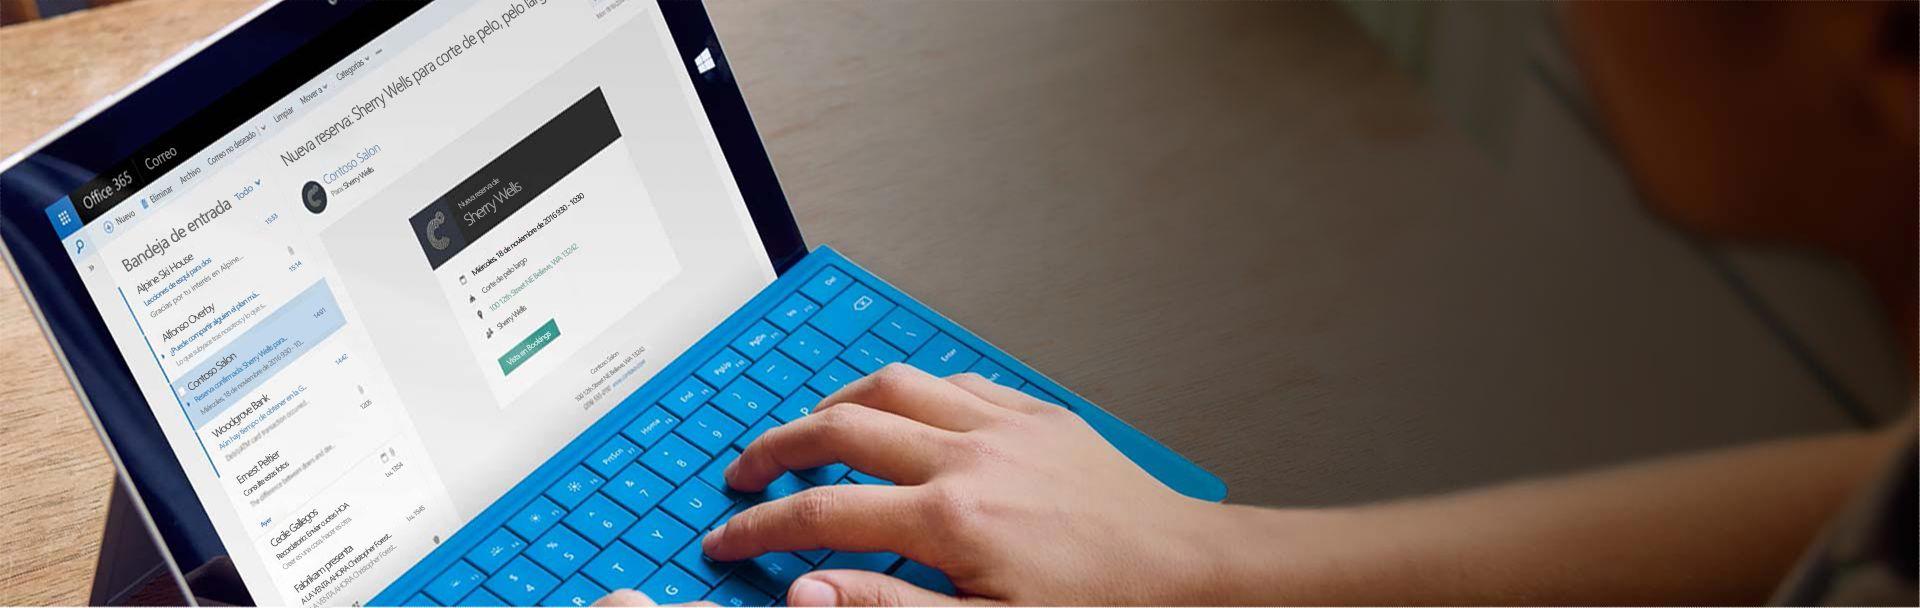 Una tableta donde se muestran avisos de una cita de Office 365 Bookings en un correo.